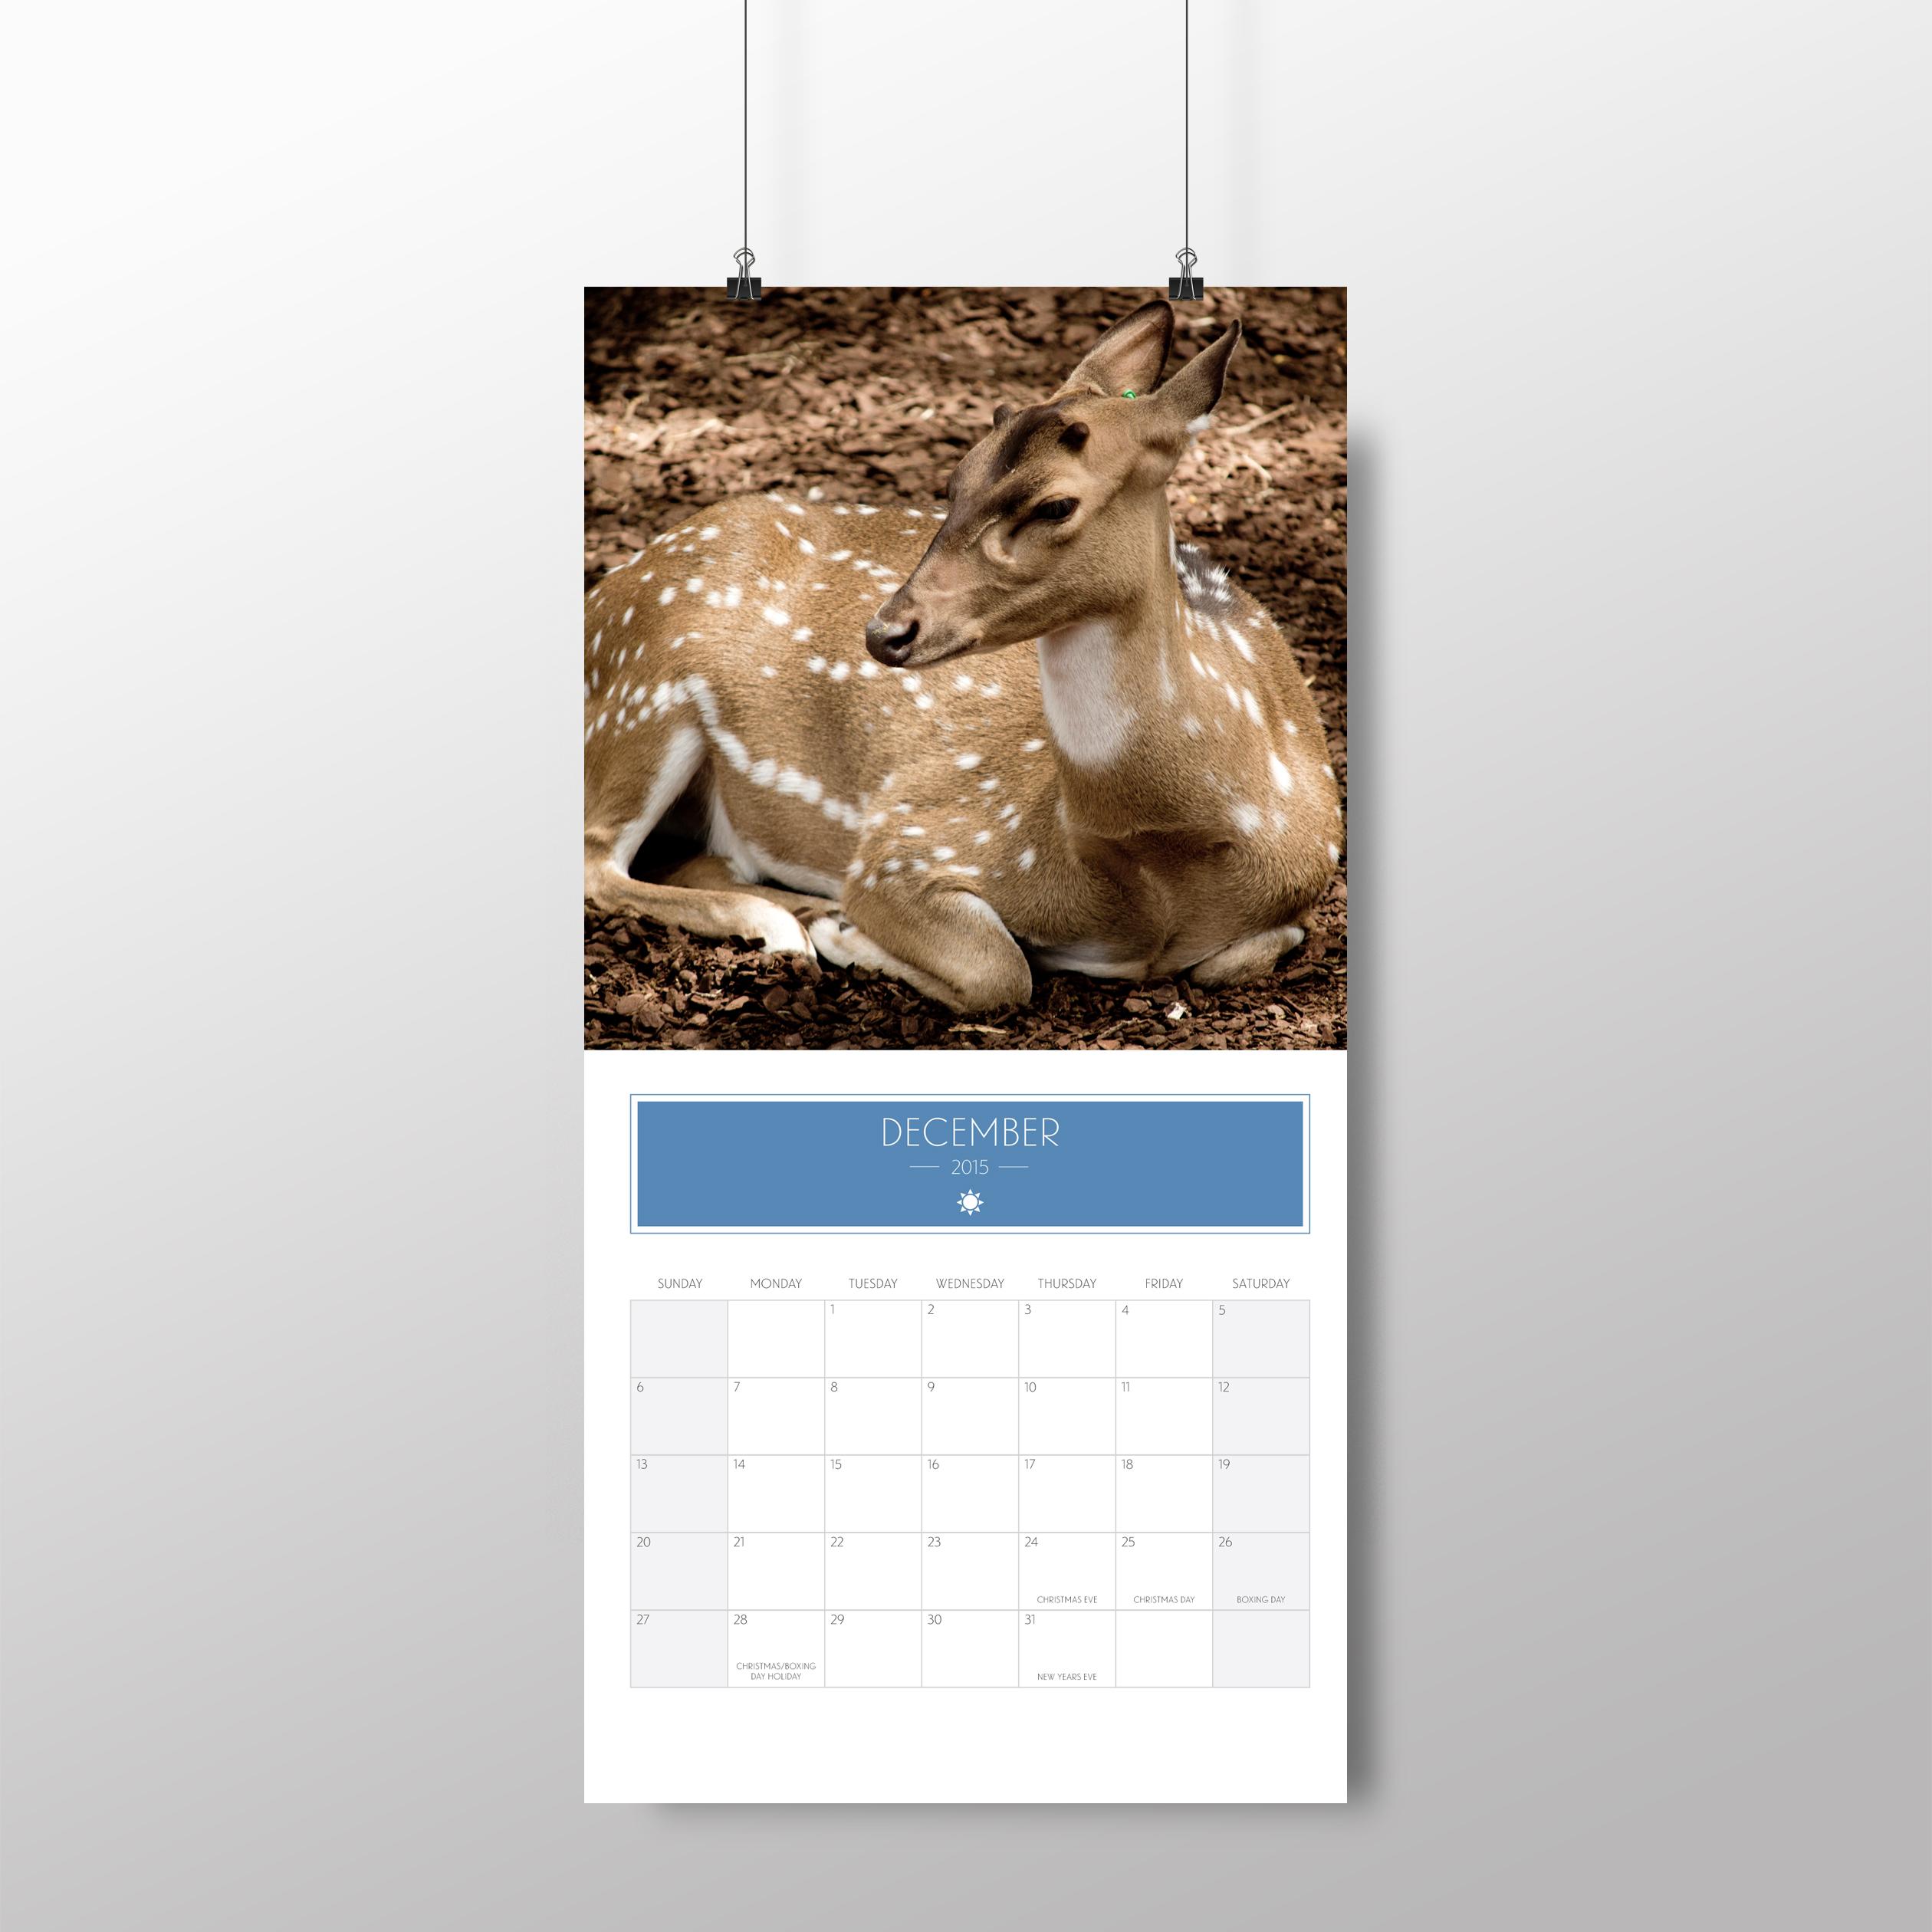 Animal calendar – December